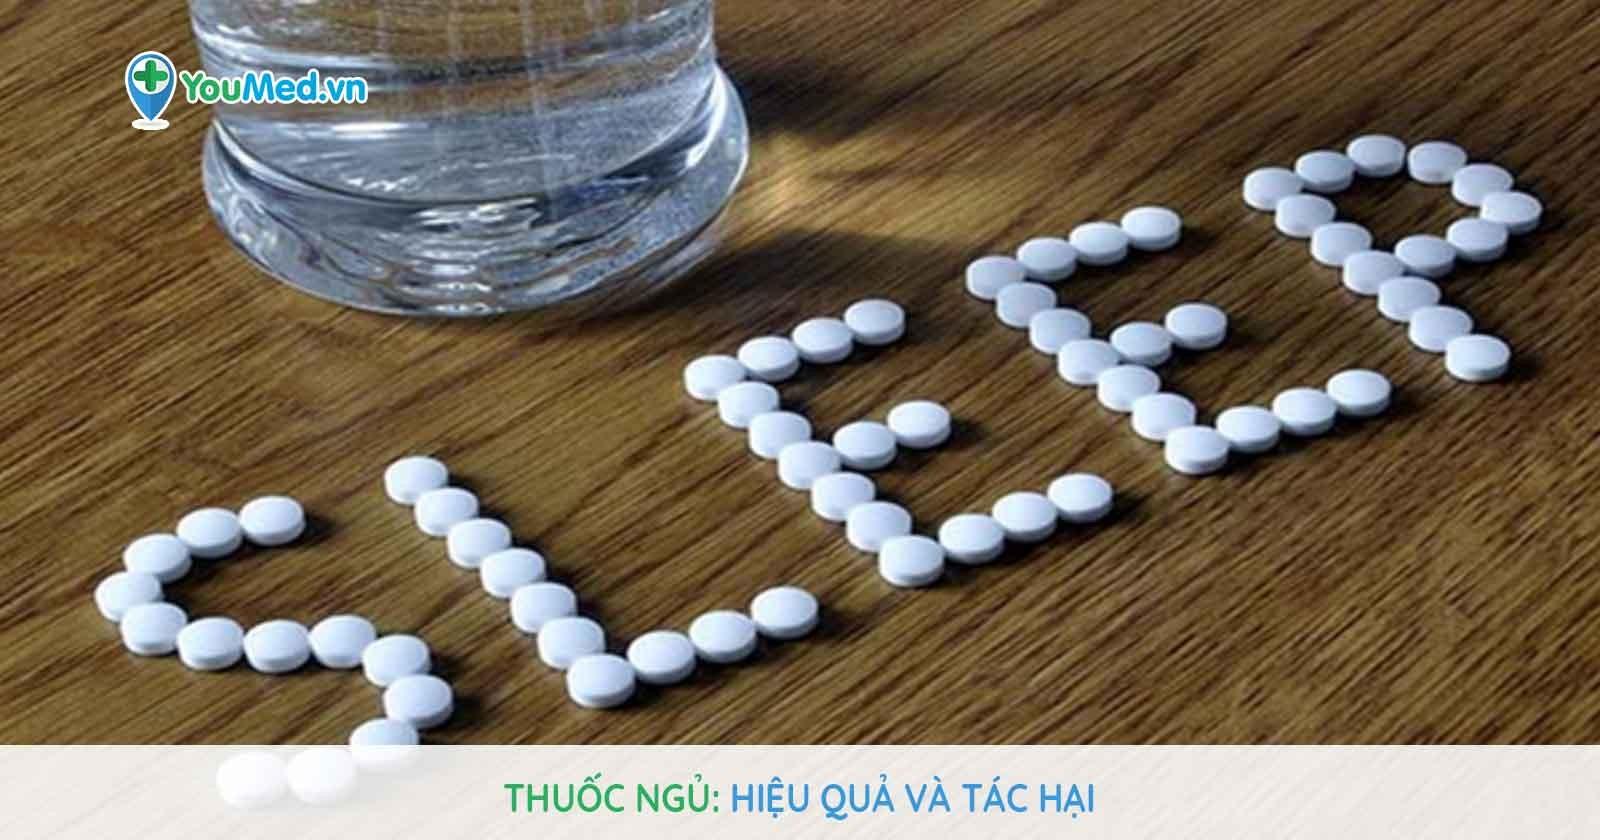 Thuốc ngủ - Hiệu quả và tác hại